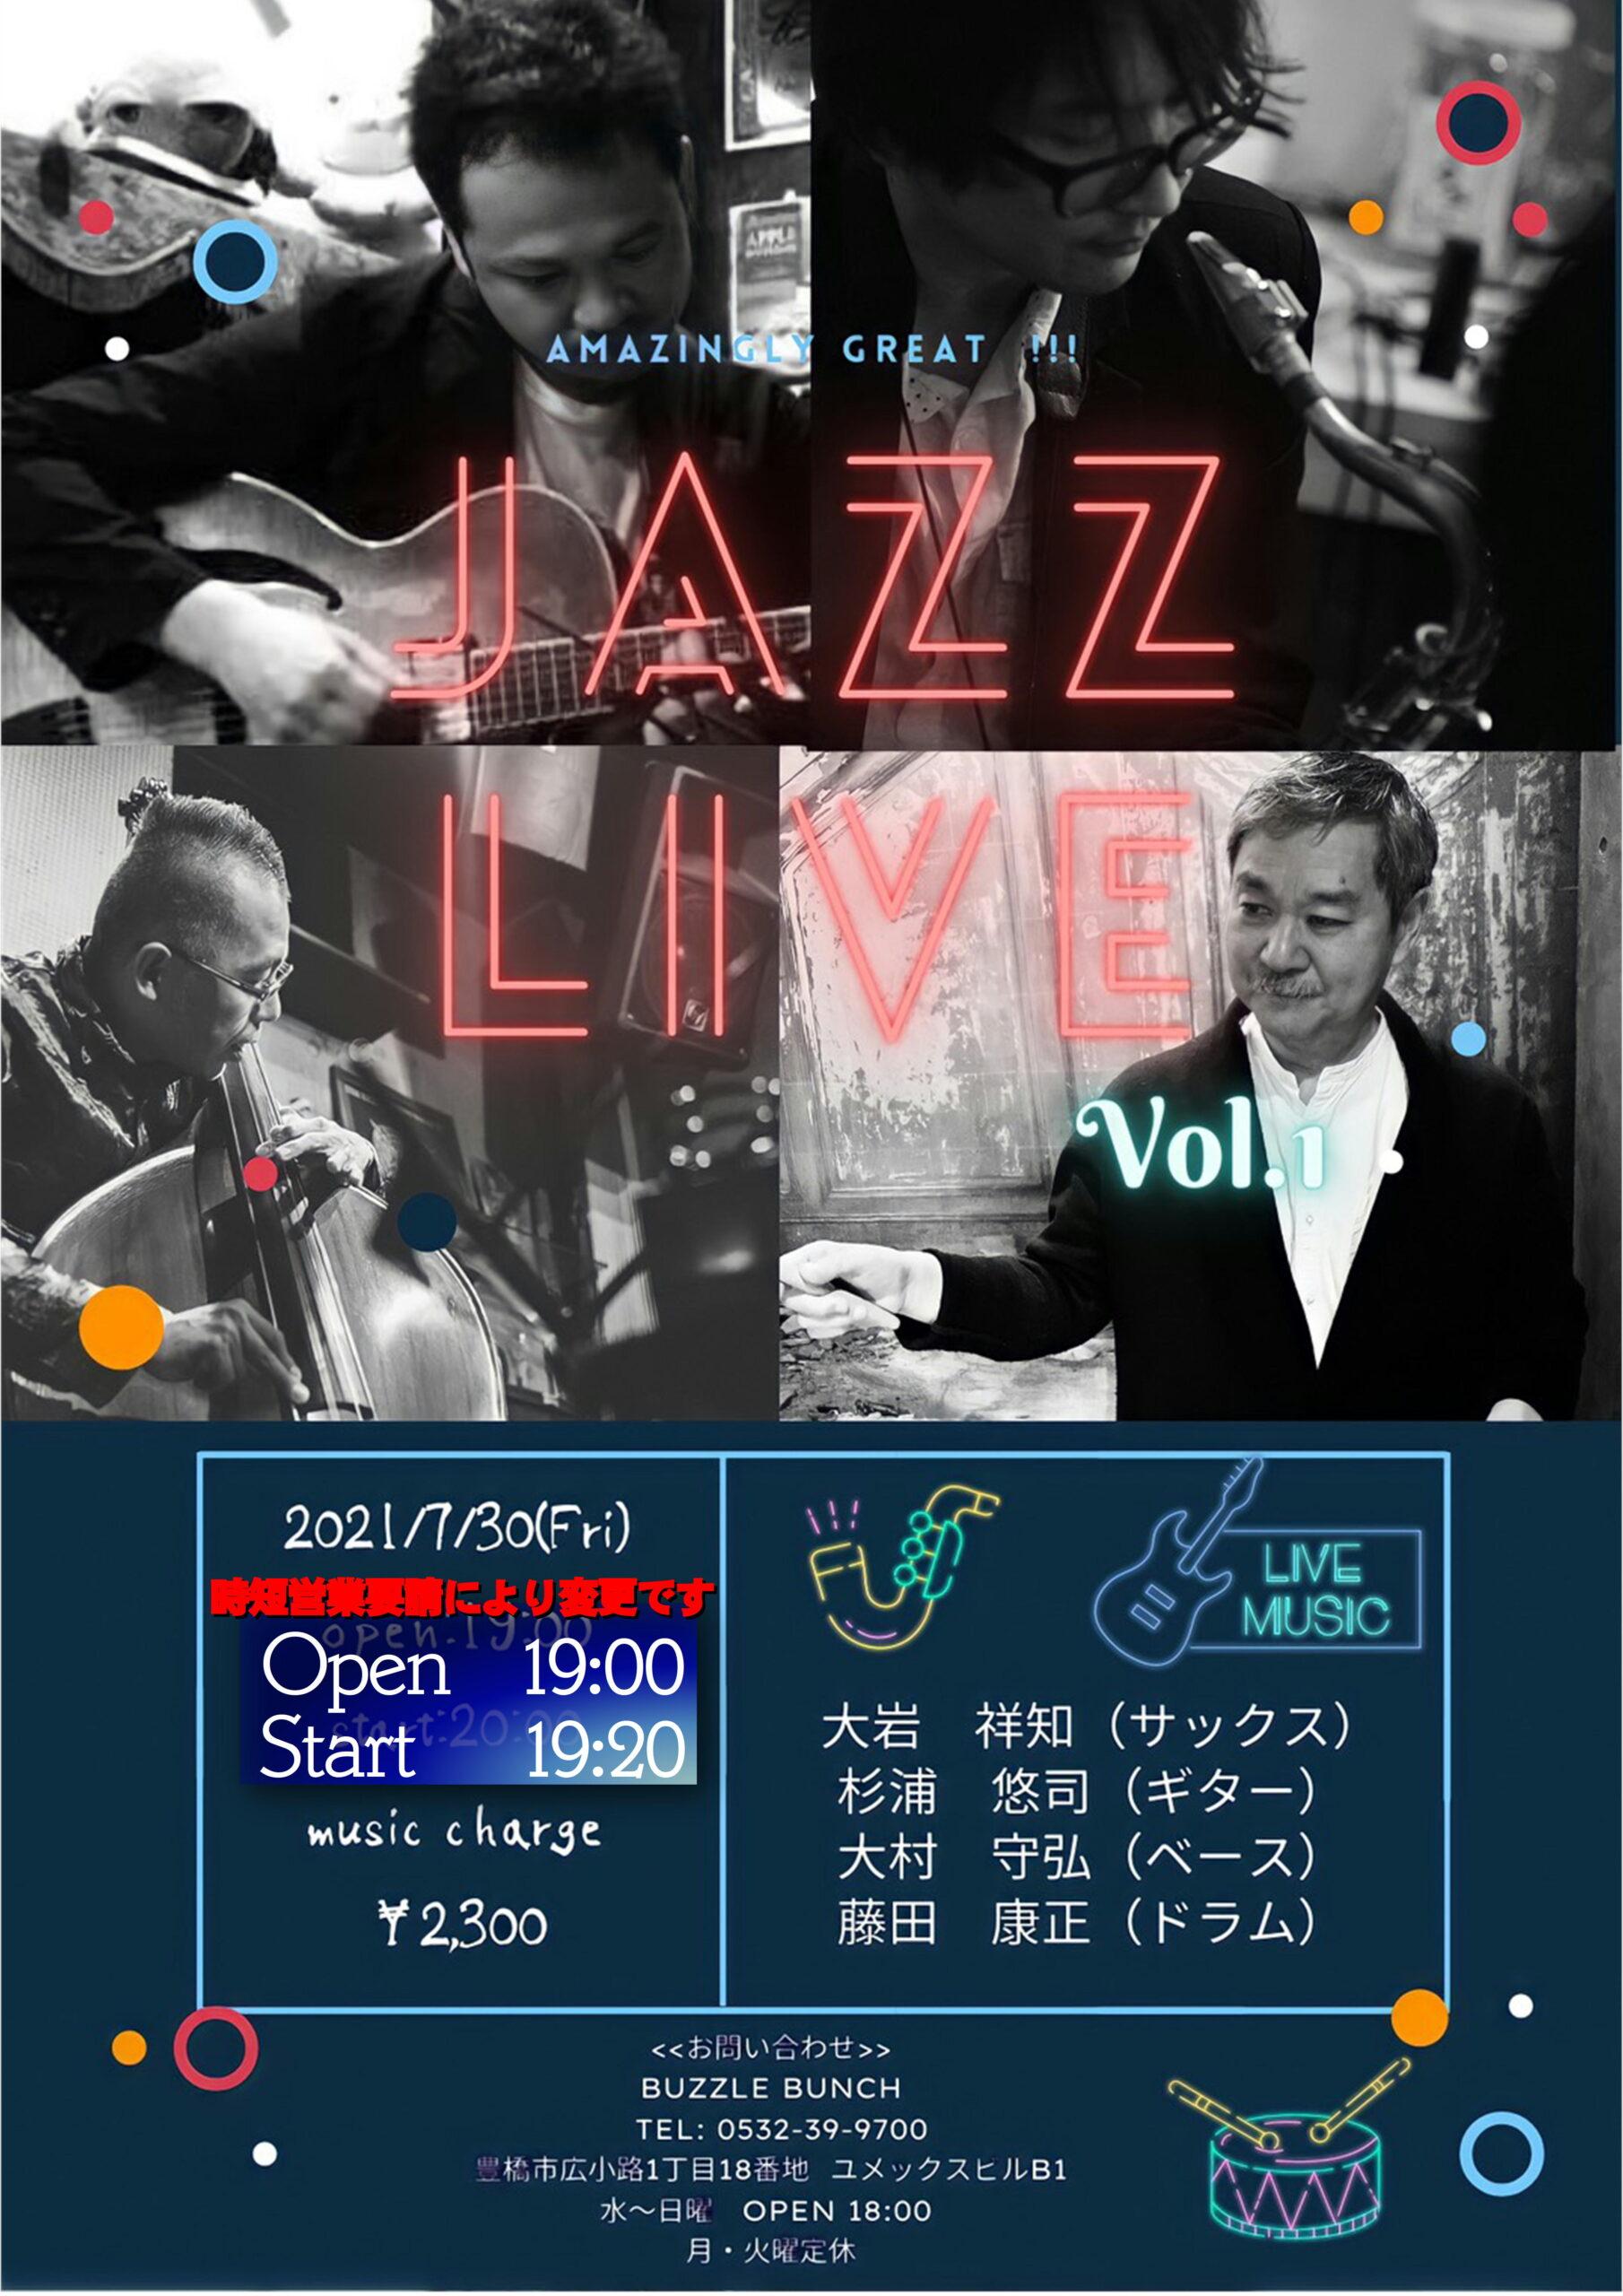 2021年7月30日(金) AMAZINGLY GREAT JAZZ LIVE 開催時間変更のお知らせ